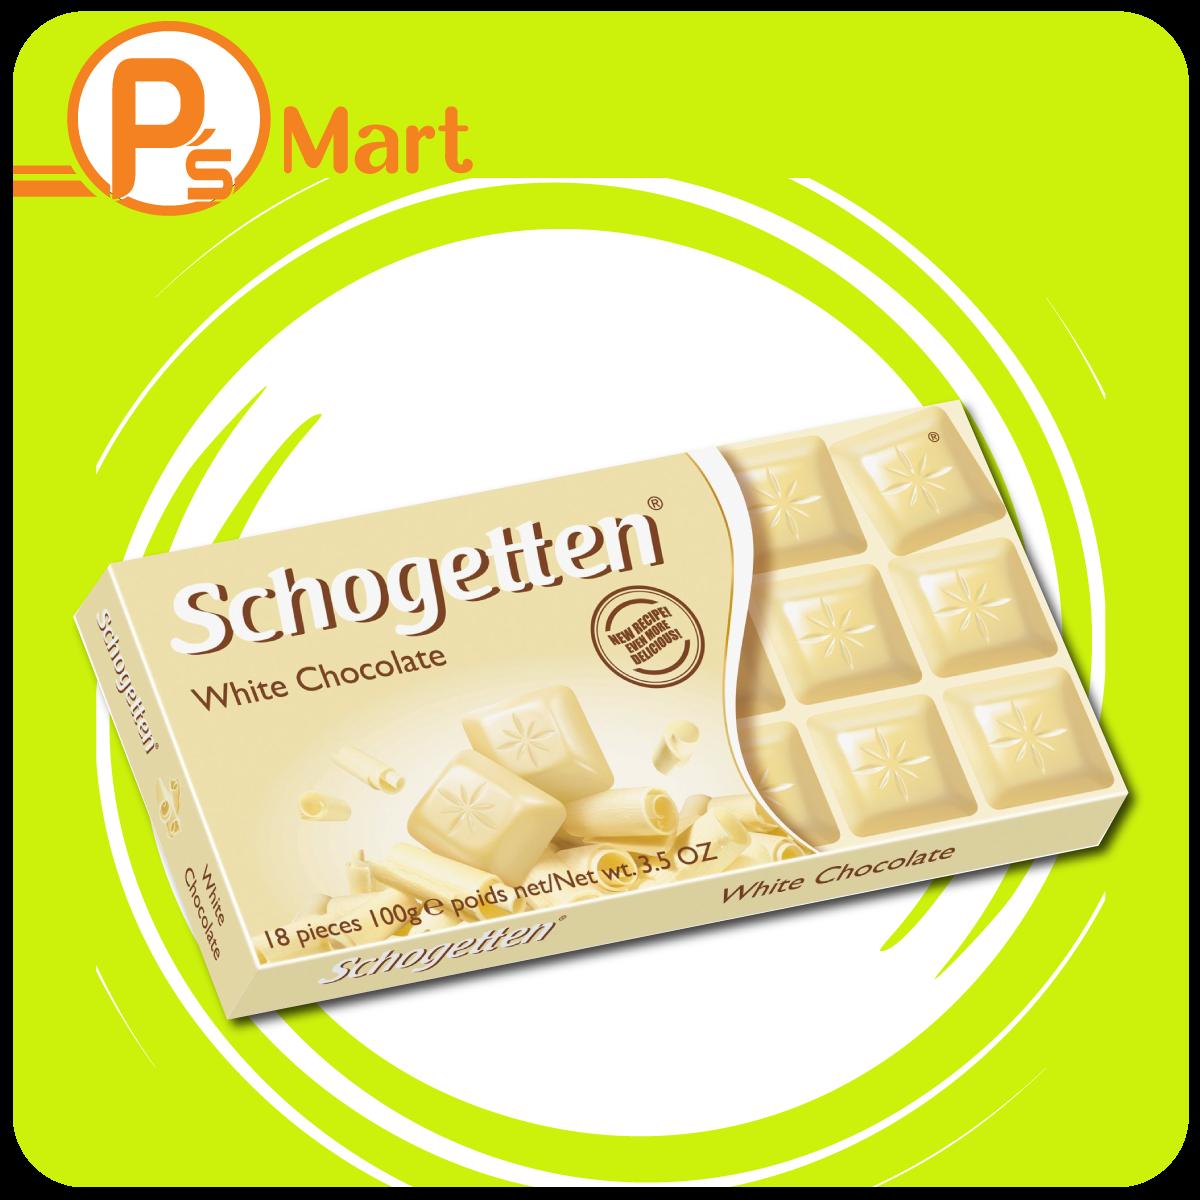 Schogetten German White Chocolate